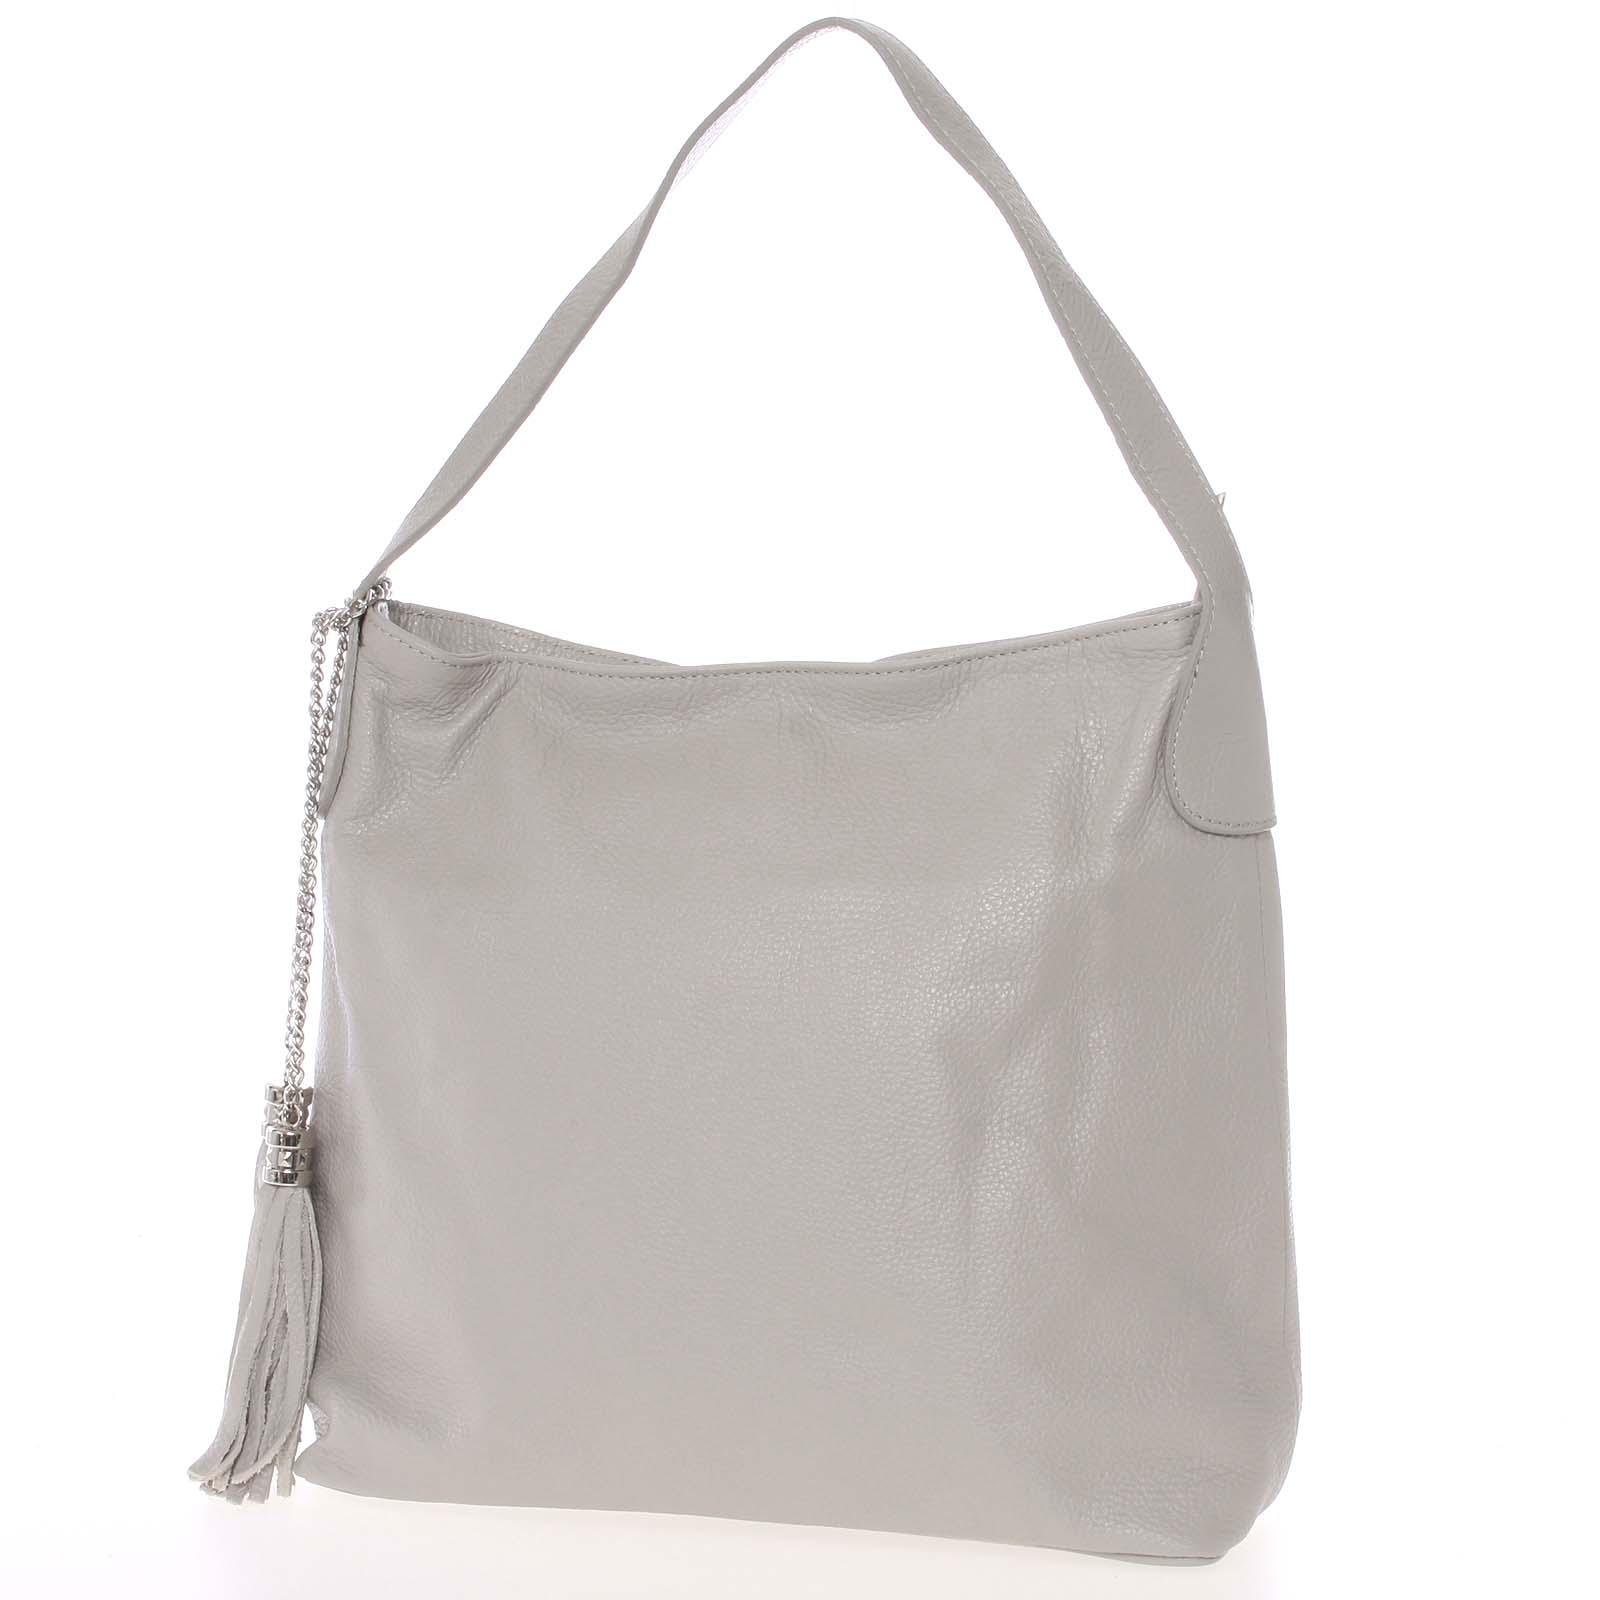 Módní kožená kabelka přes rameno světle šedá - ItalY Georgine